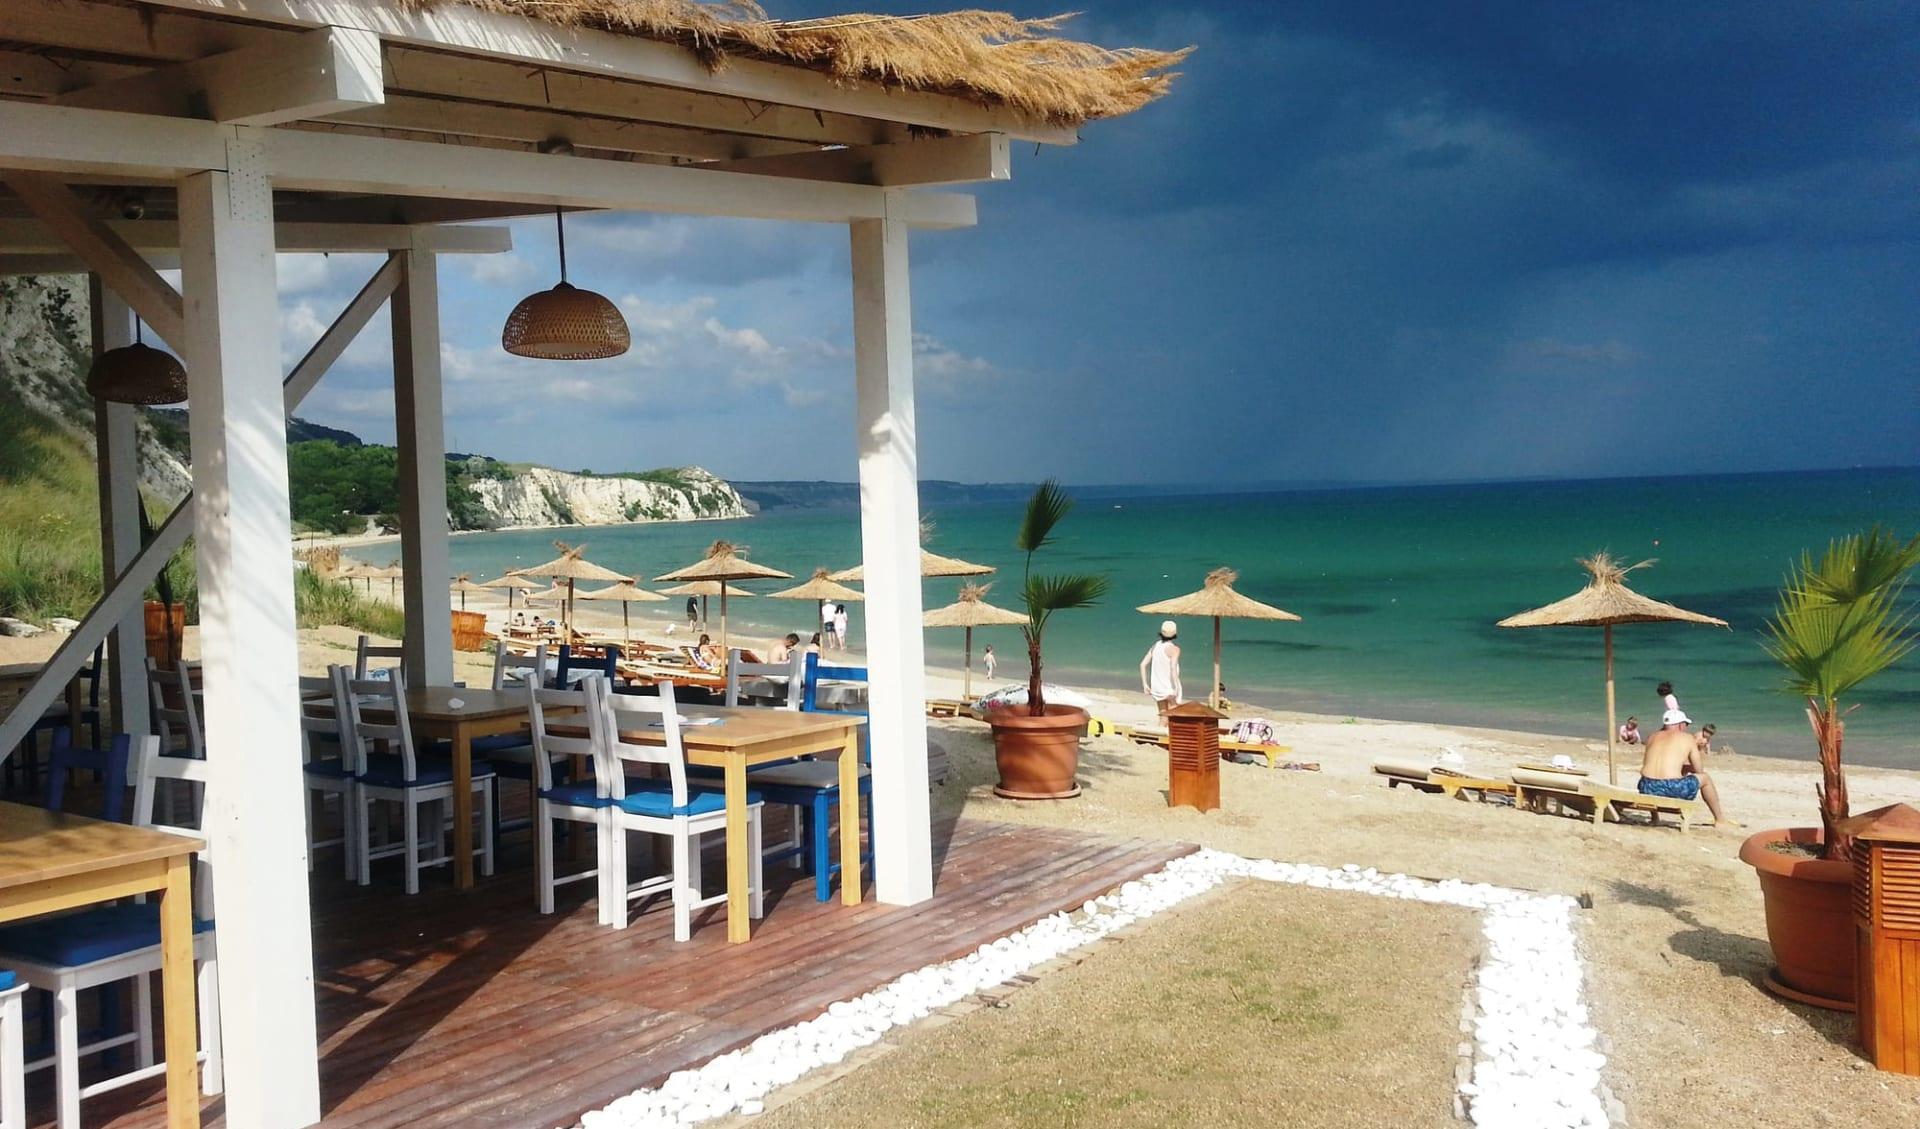 04.07. - 11.07.2021 Golf Plauschwoche in Bulgarien ab Varna: Bar_20130615_171259